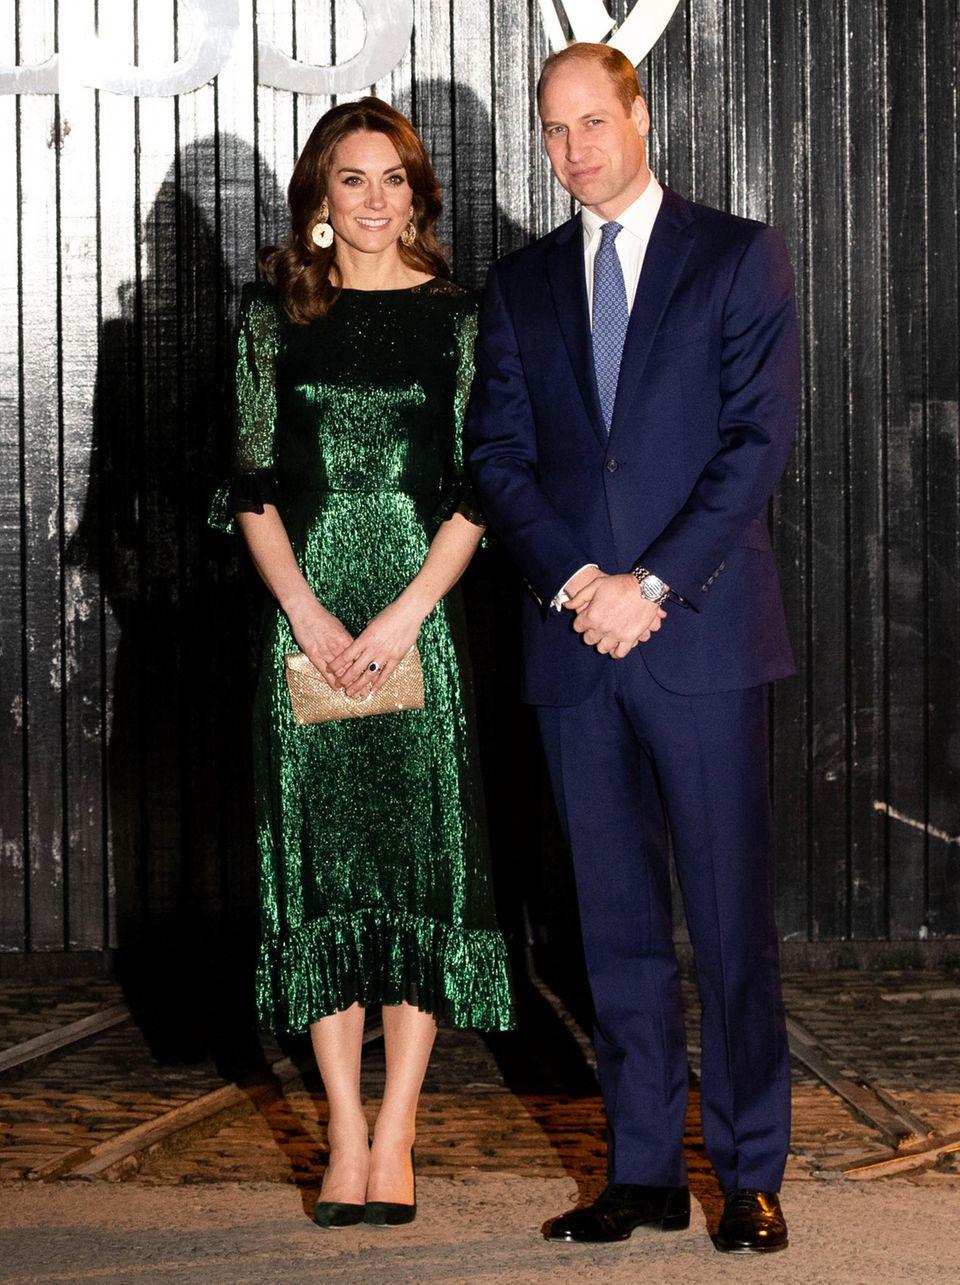 """Das smaragdgrüne Kleid von 'The Vampire's Wife' ist nun offiziell das """"Kleid des Jahrzehnts"""""""